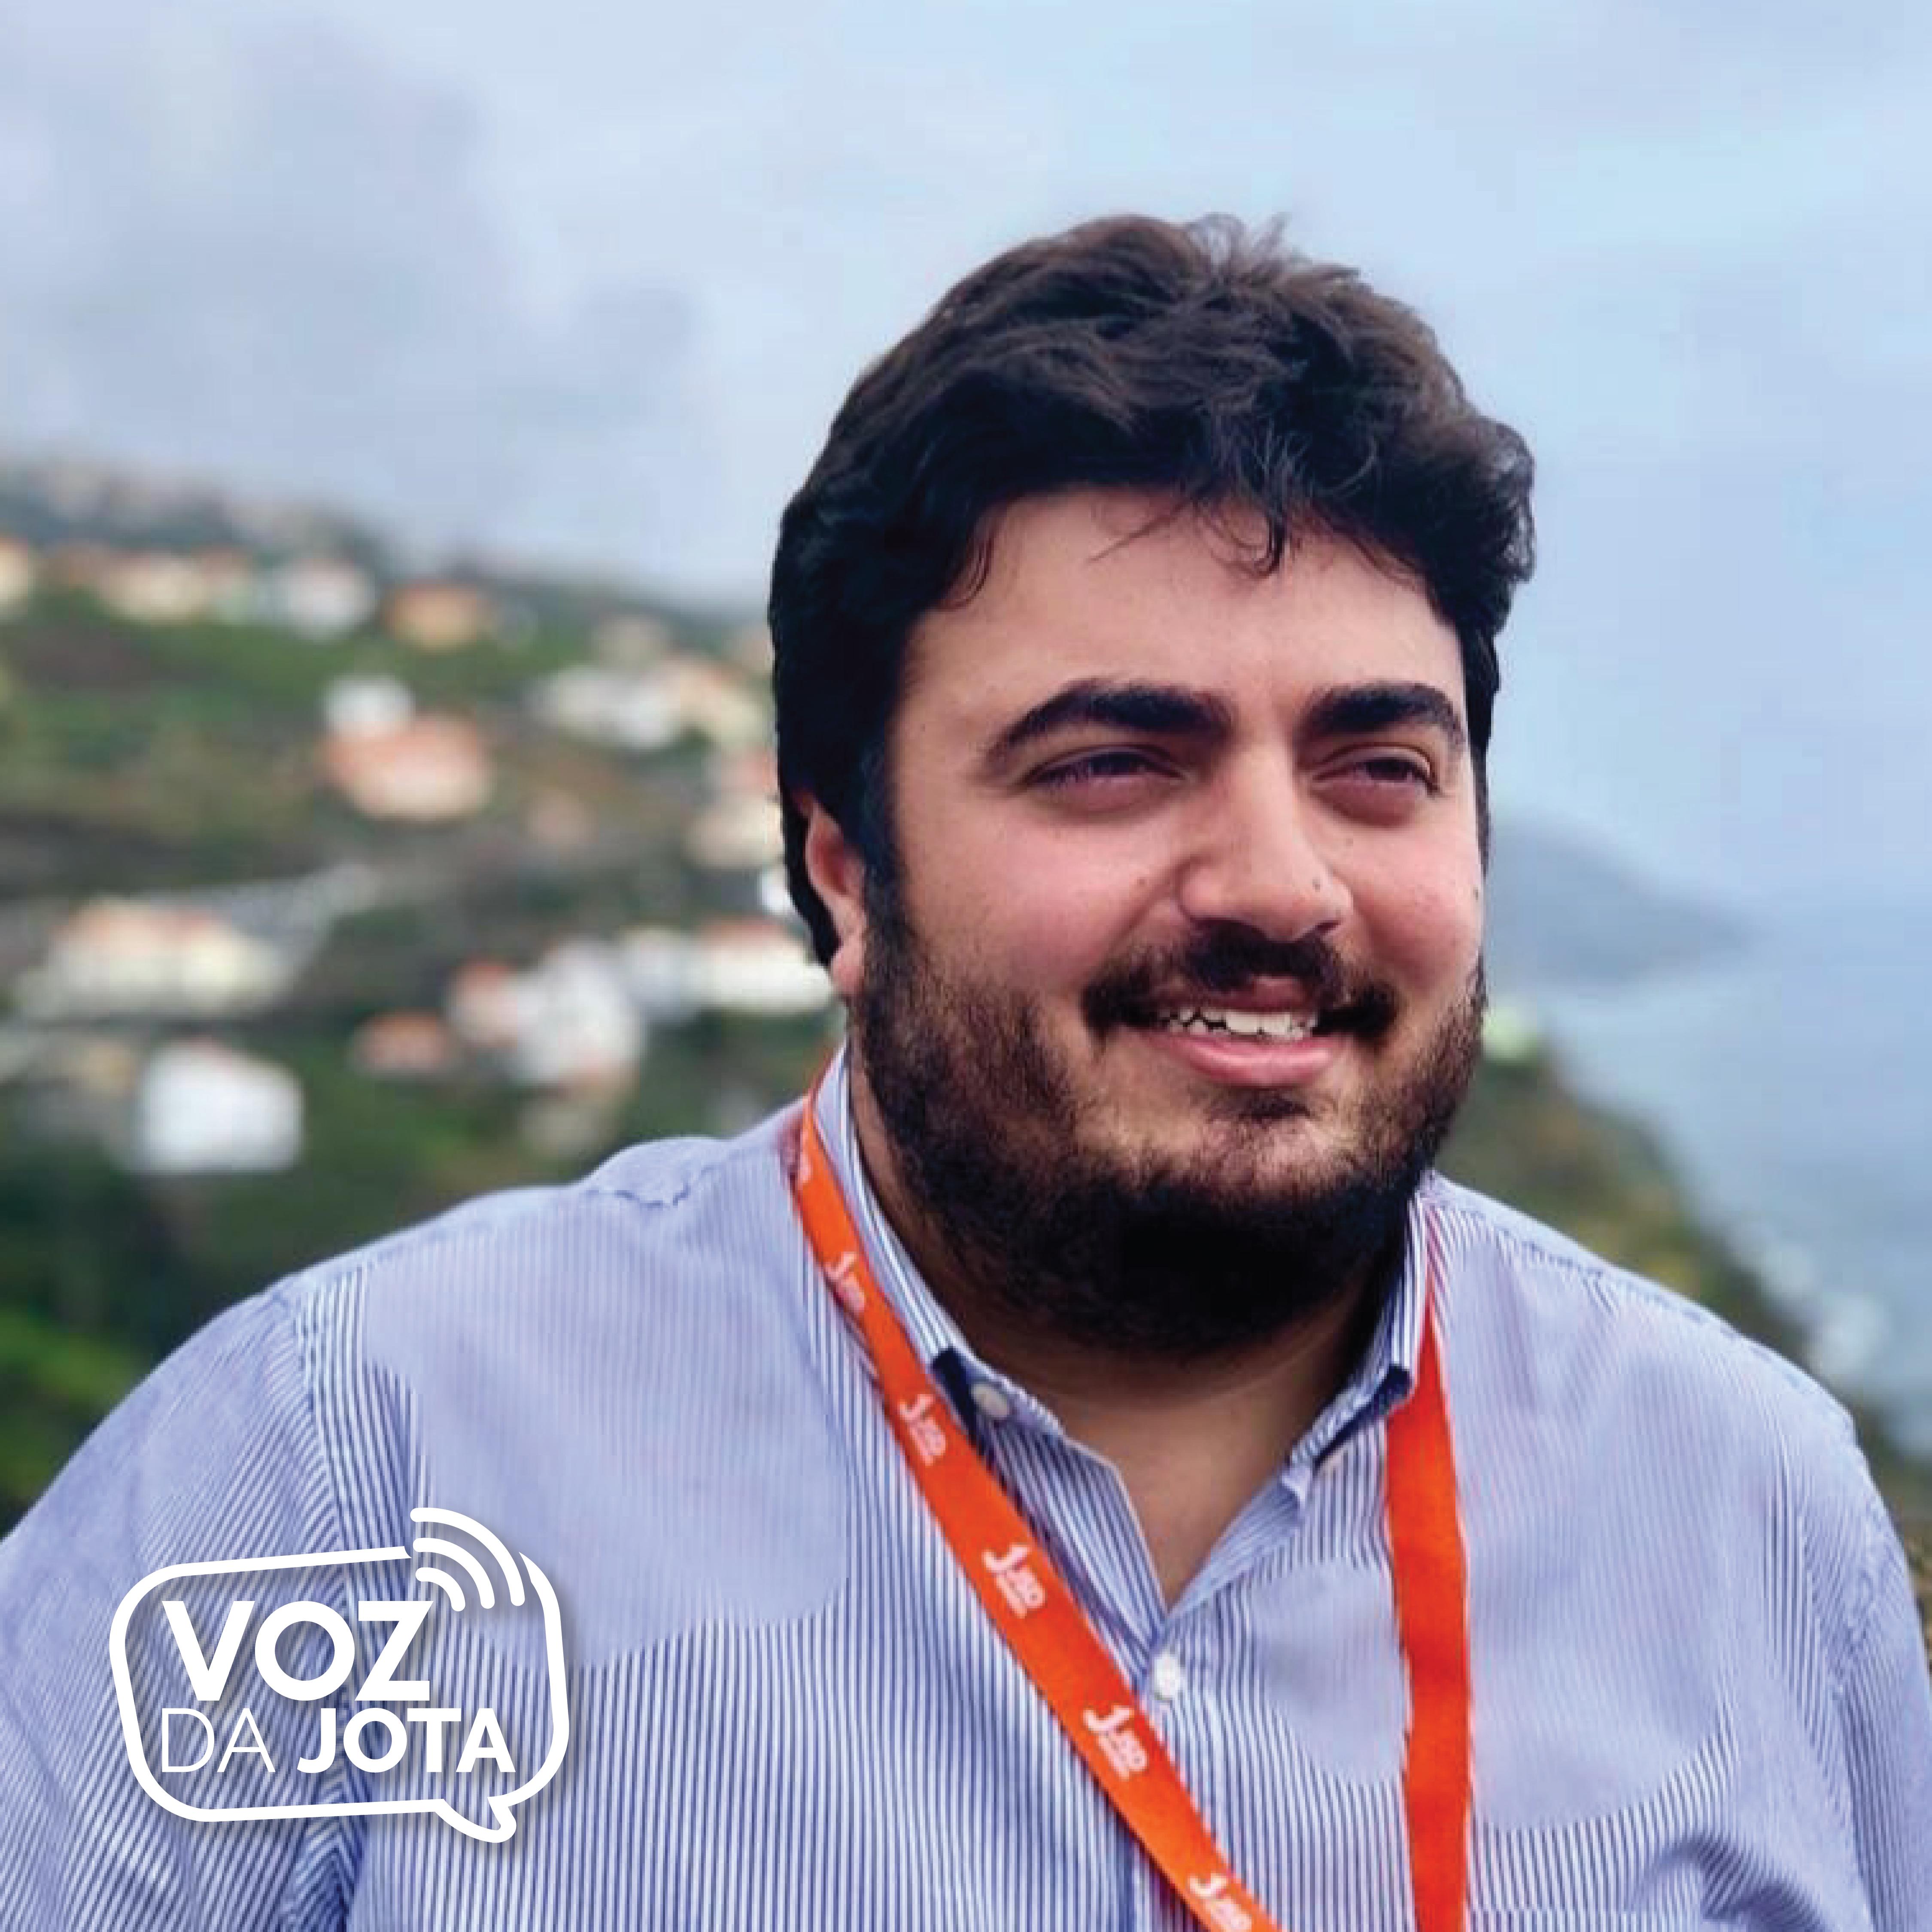 Bruno_Miguel_Melim_vozdajota_site